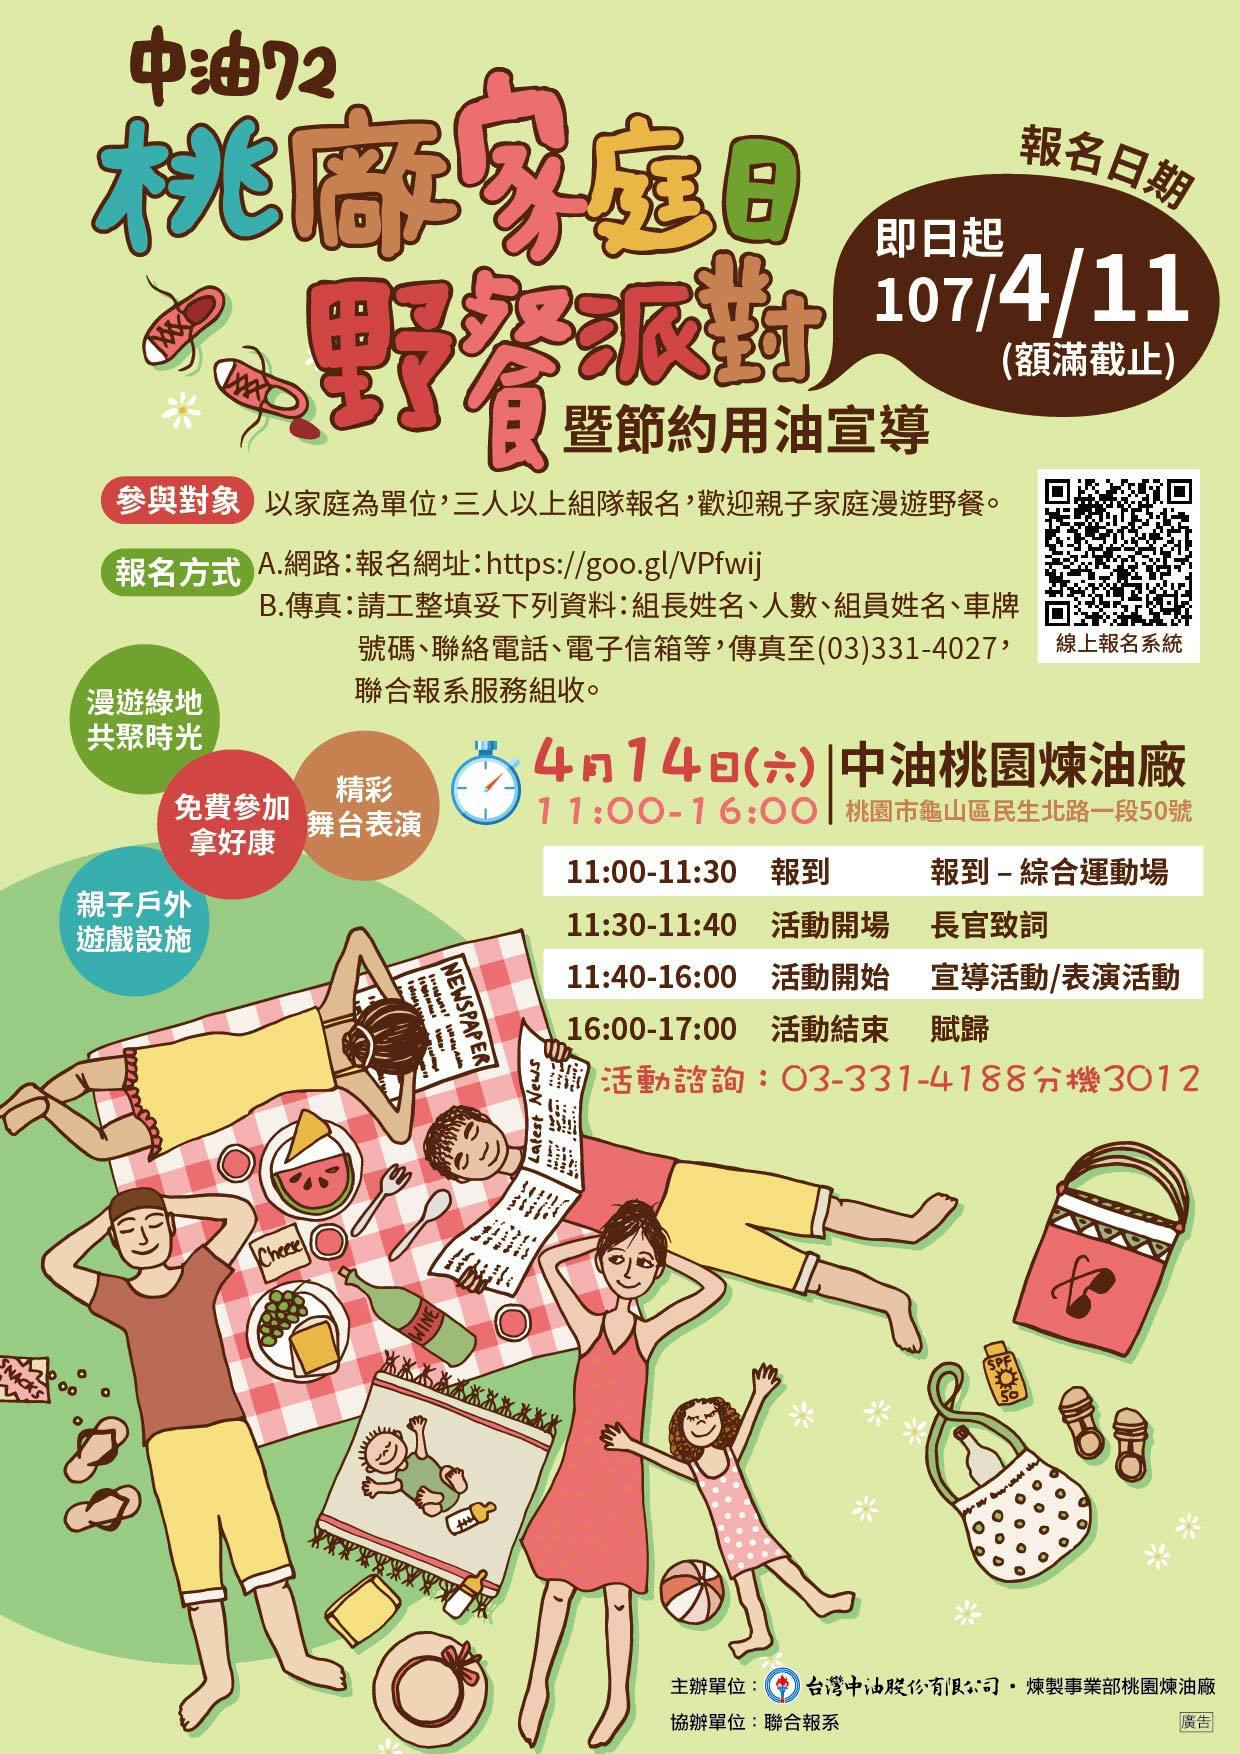 中油72桃廠家庭日野餐派對即日起開放報名。 圖/聯合報系資料照片